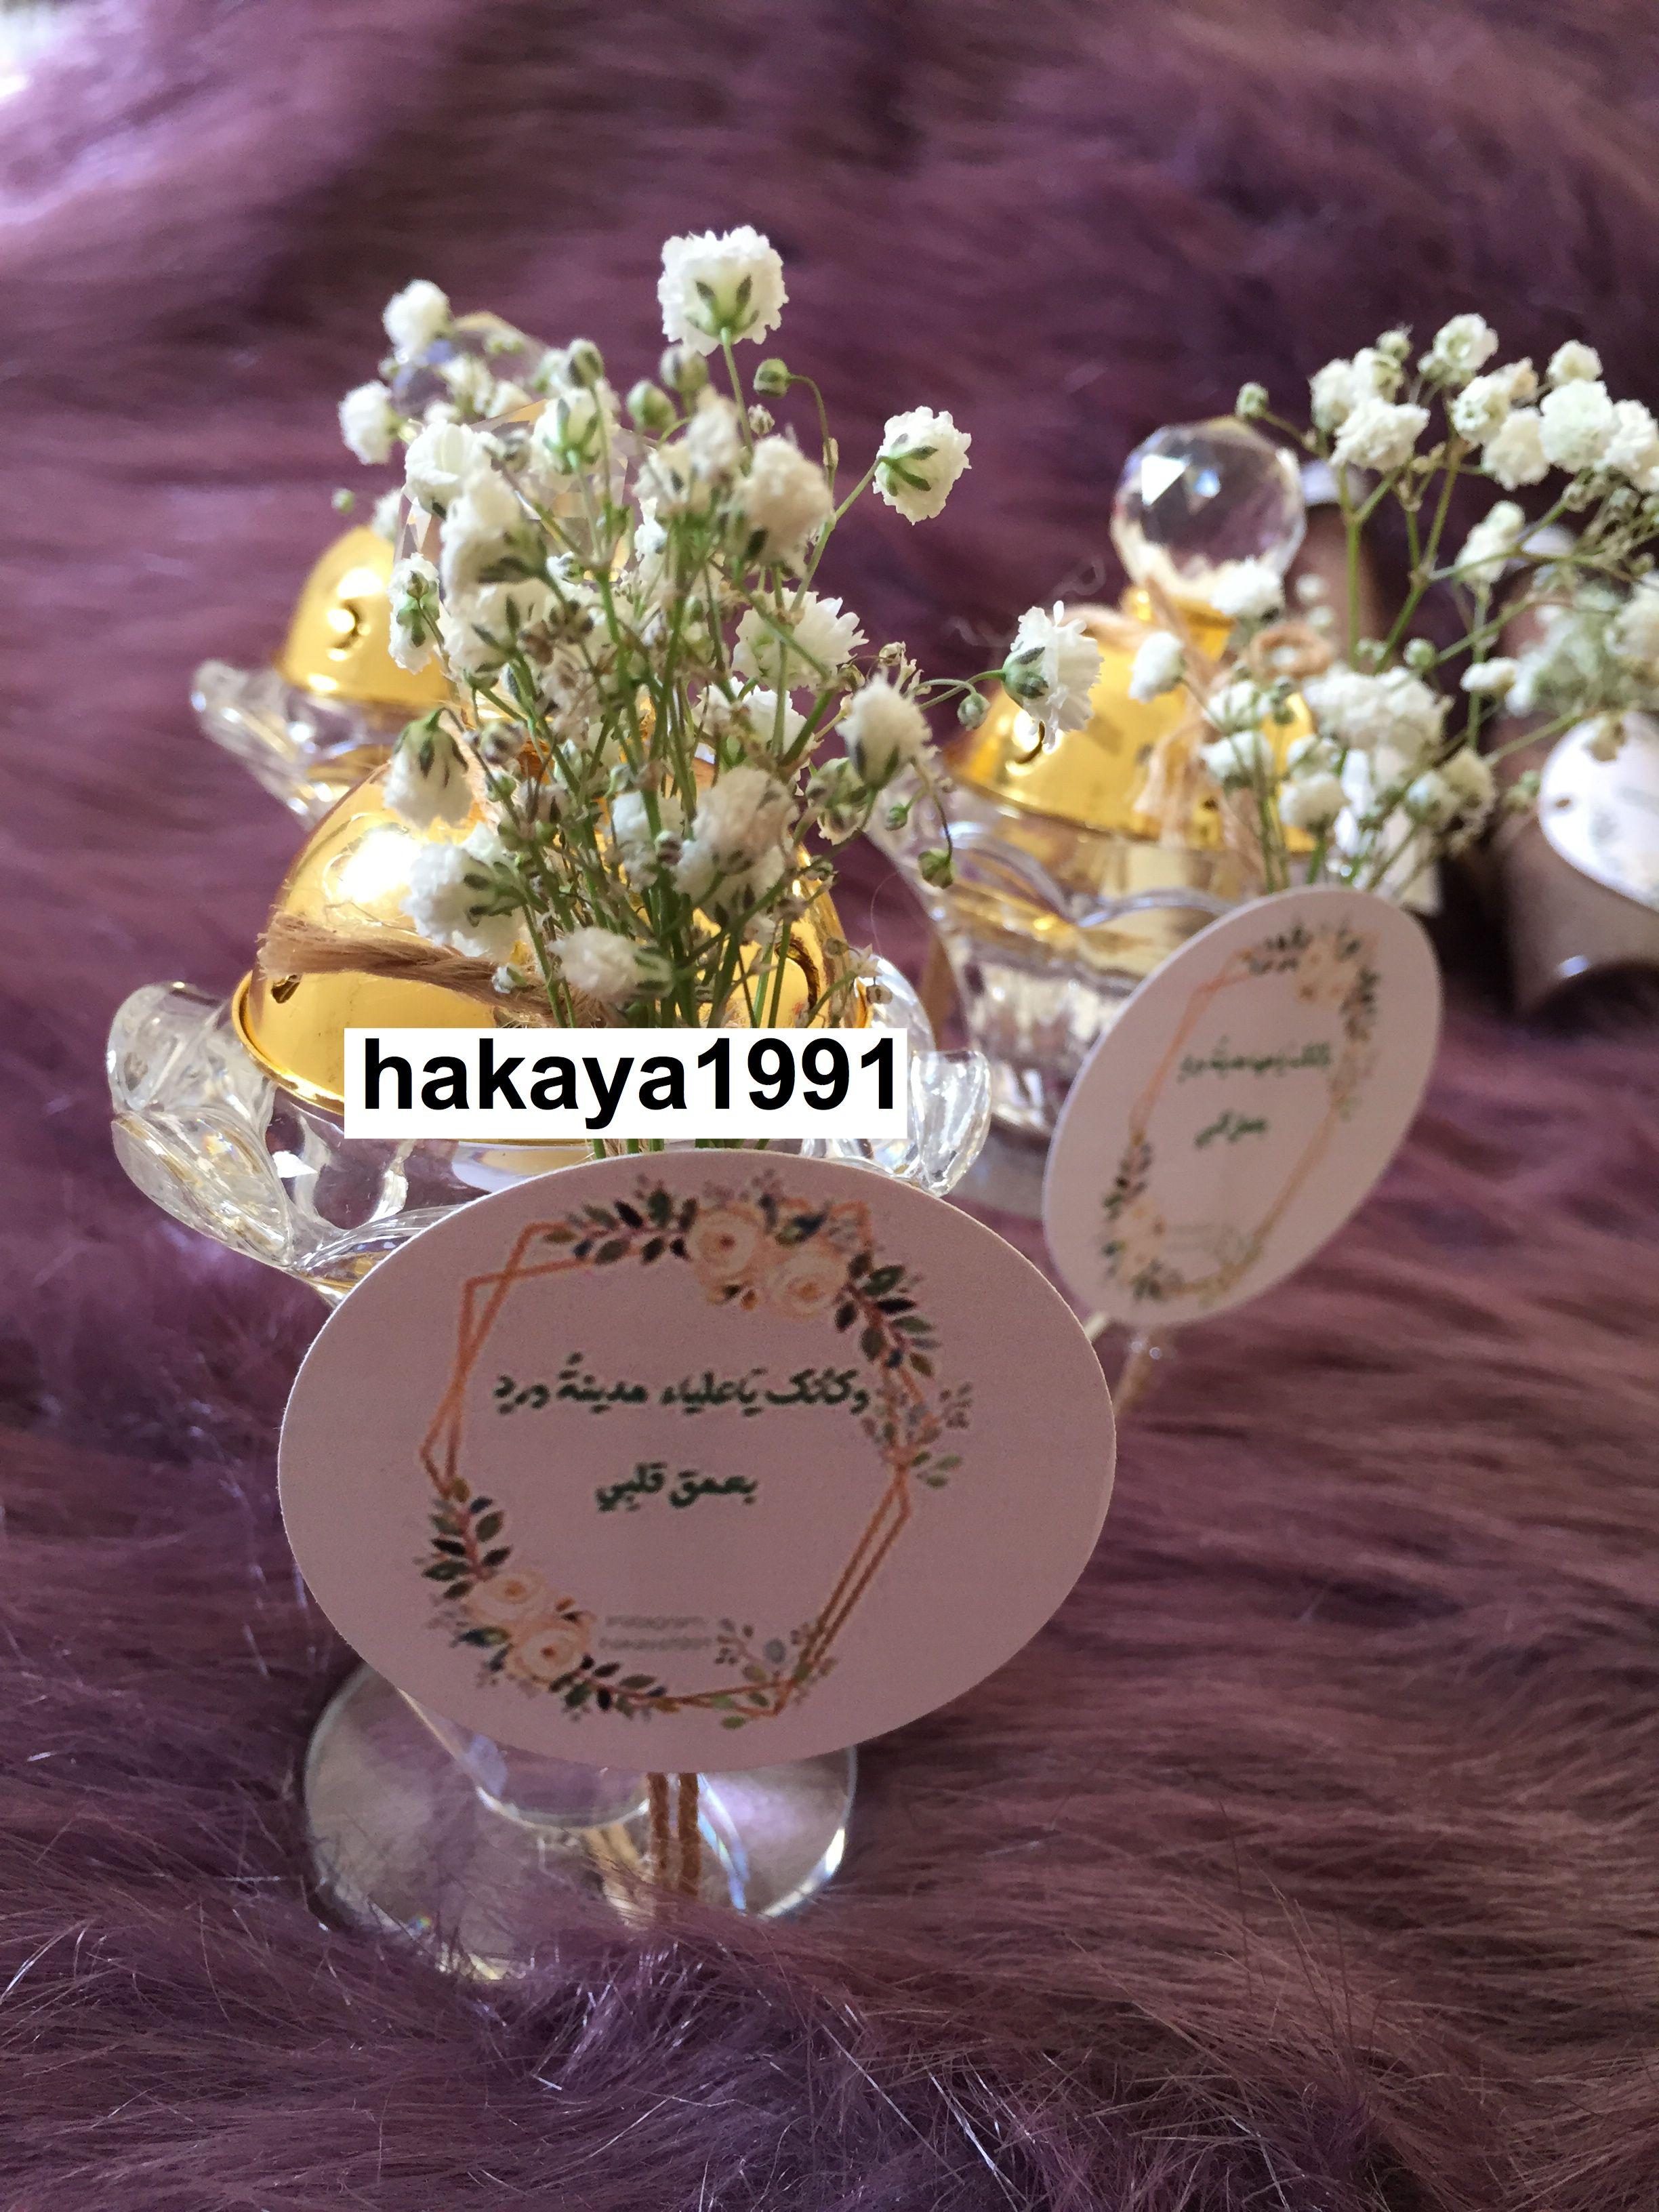 توزيعات توزيعات مواليد توزيعات تخرج توزيعات العيد توزيعات زواج توزيعات يوم السعادة العالمي توزيعات اطفال Wedding Logo Design Floral Doodle Wedding Logos